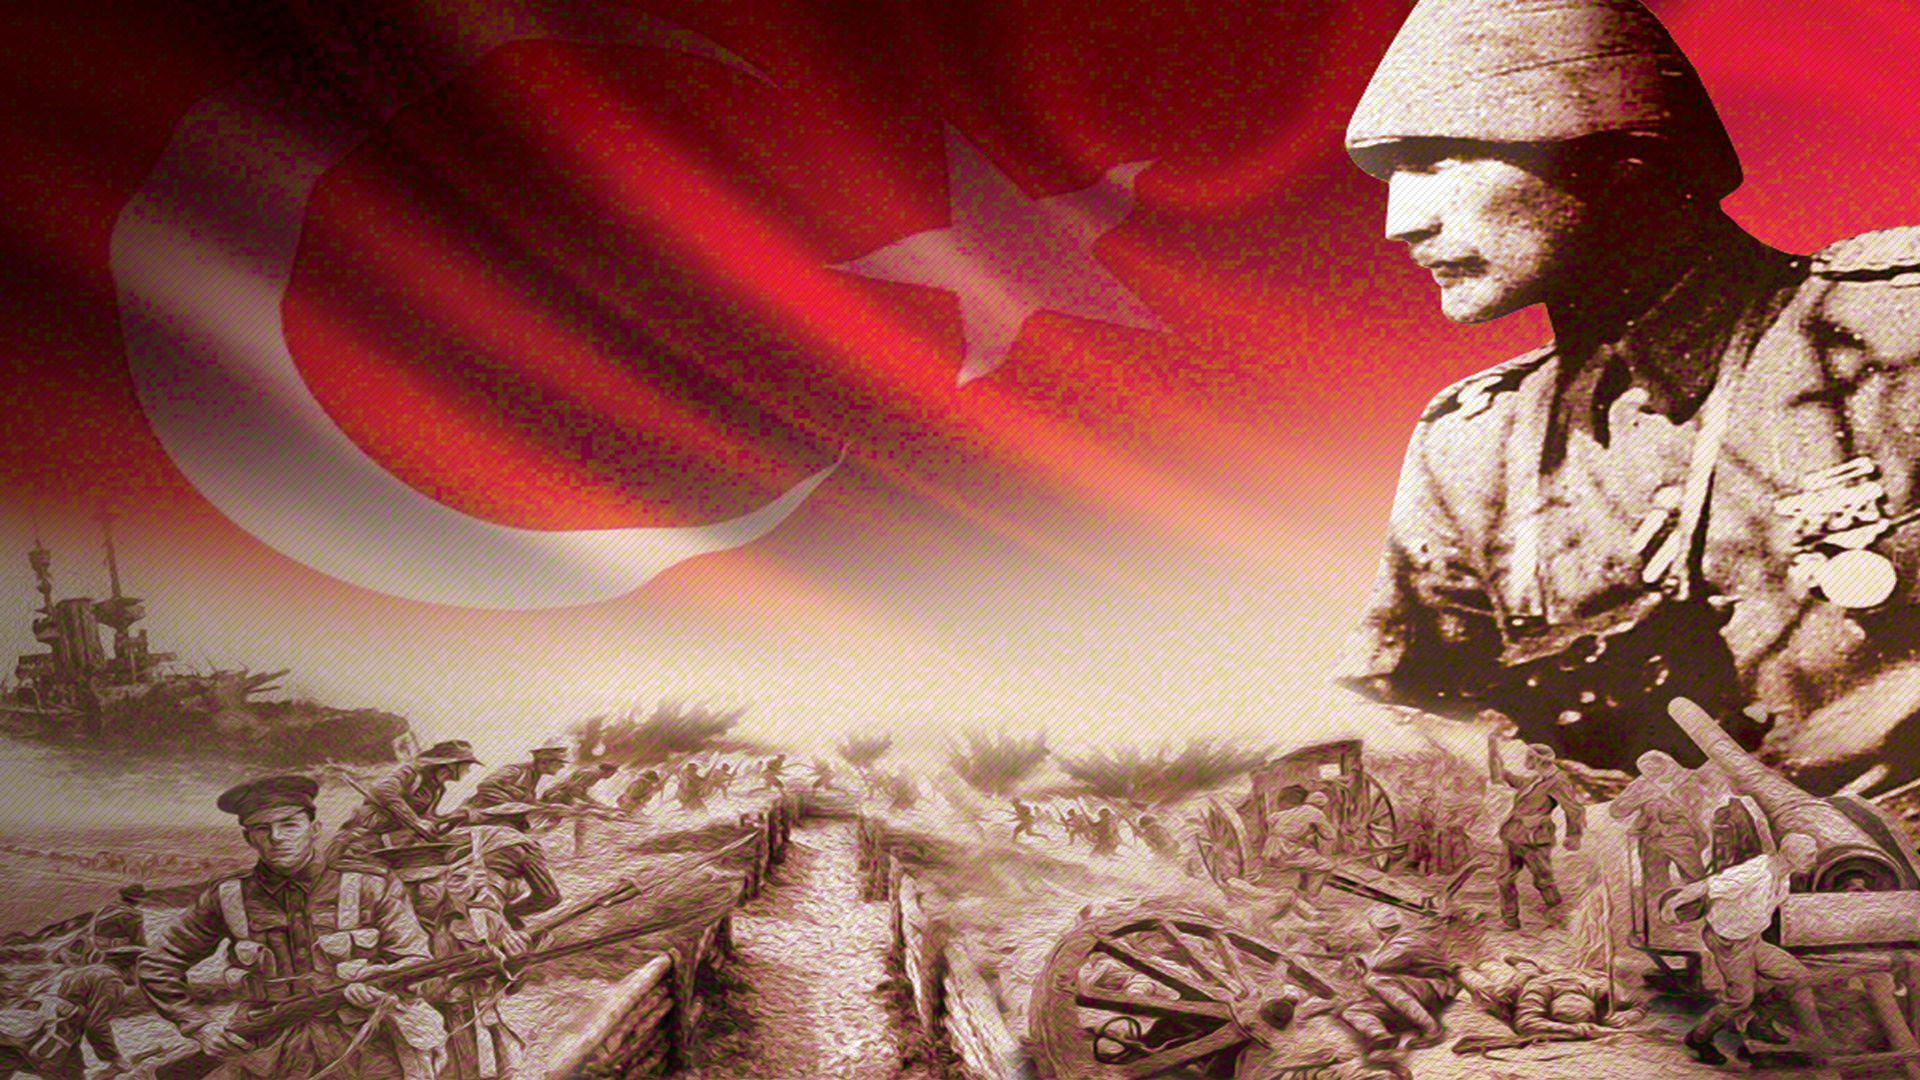 Çanakkale Zaferi'nde verdiğimiz şehitleri hangi gün anıyoruz 2021? |Çanakkale Zaferi Türk Milleti için neden önemlidir?